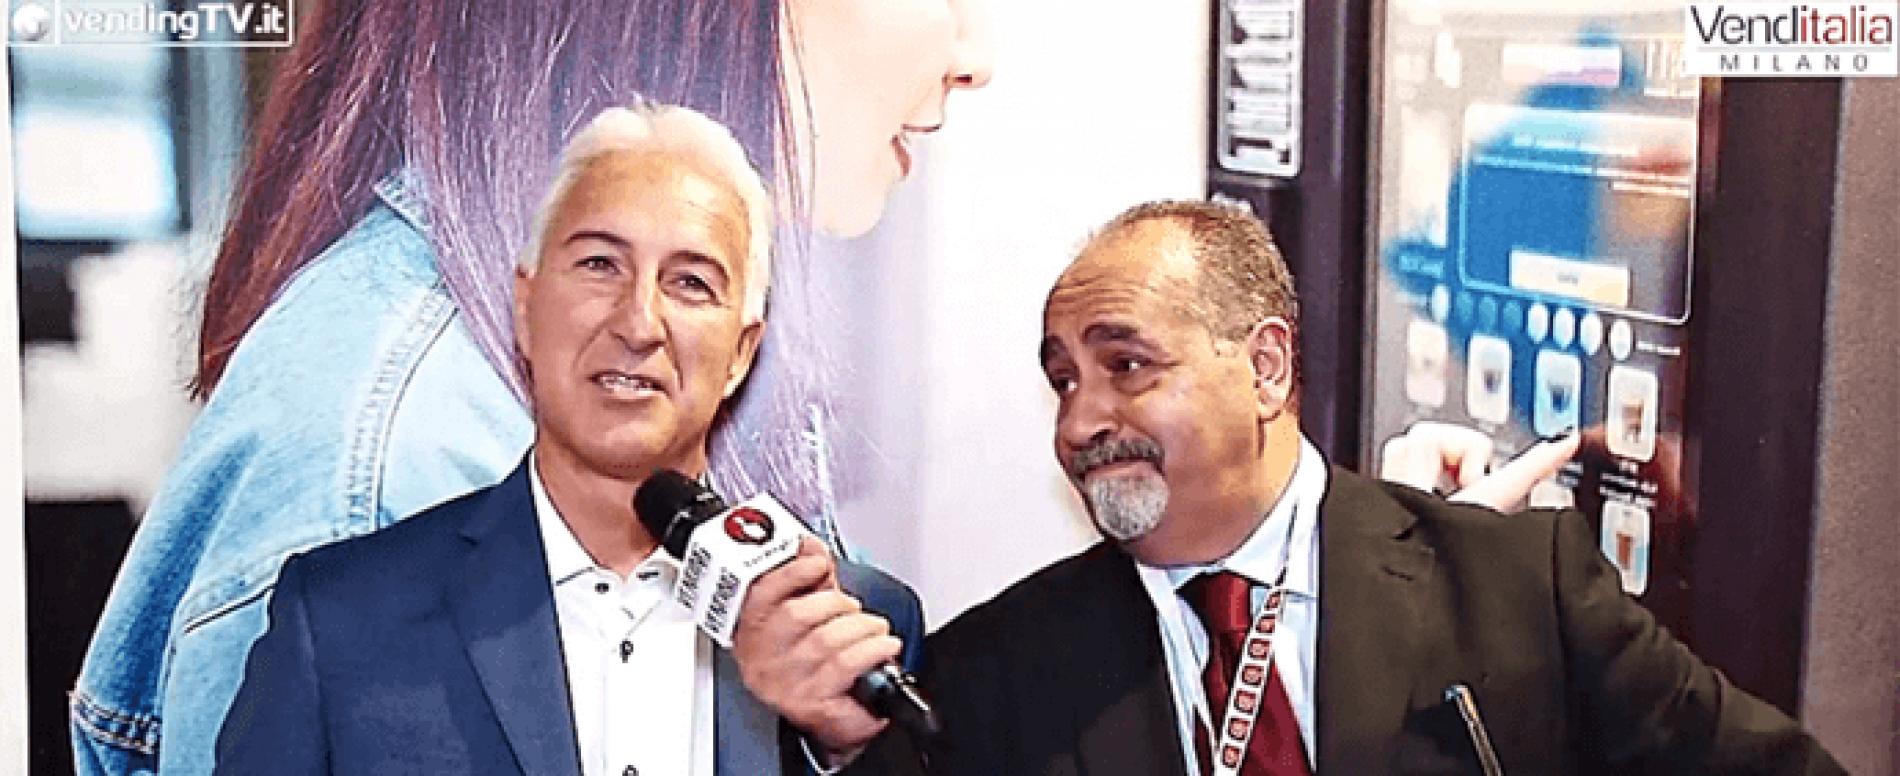 Venditalia 2018. Intervista con Stefano Beschi di Hannspree